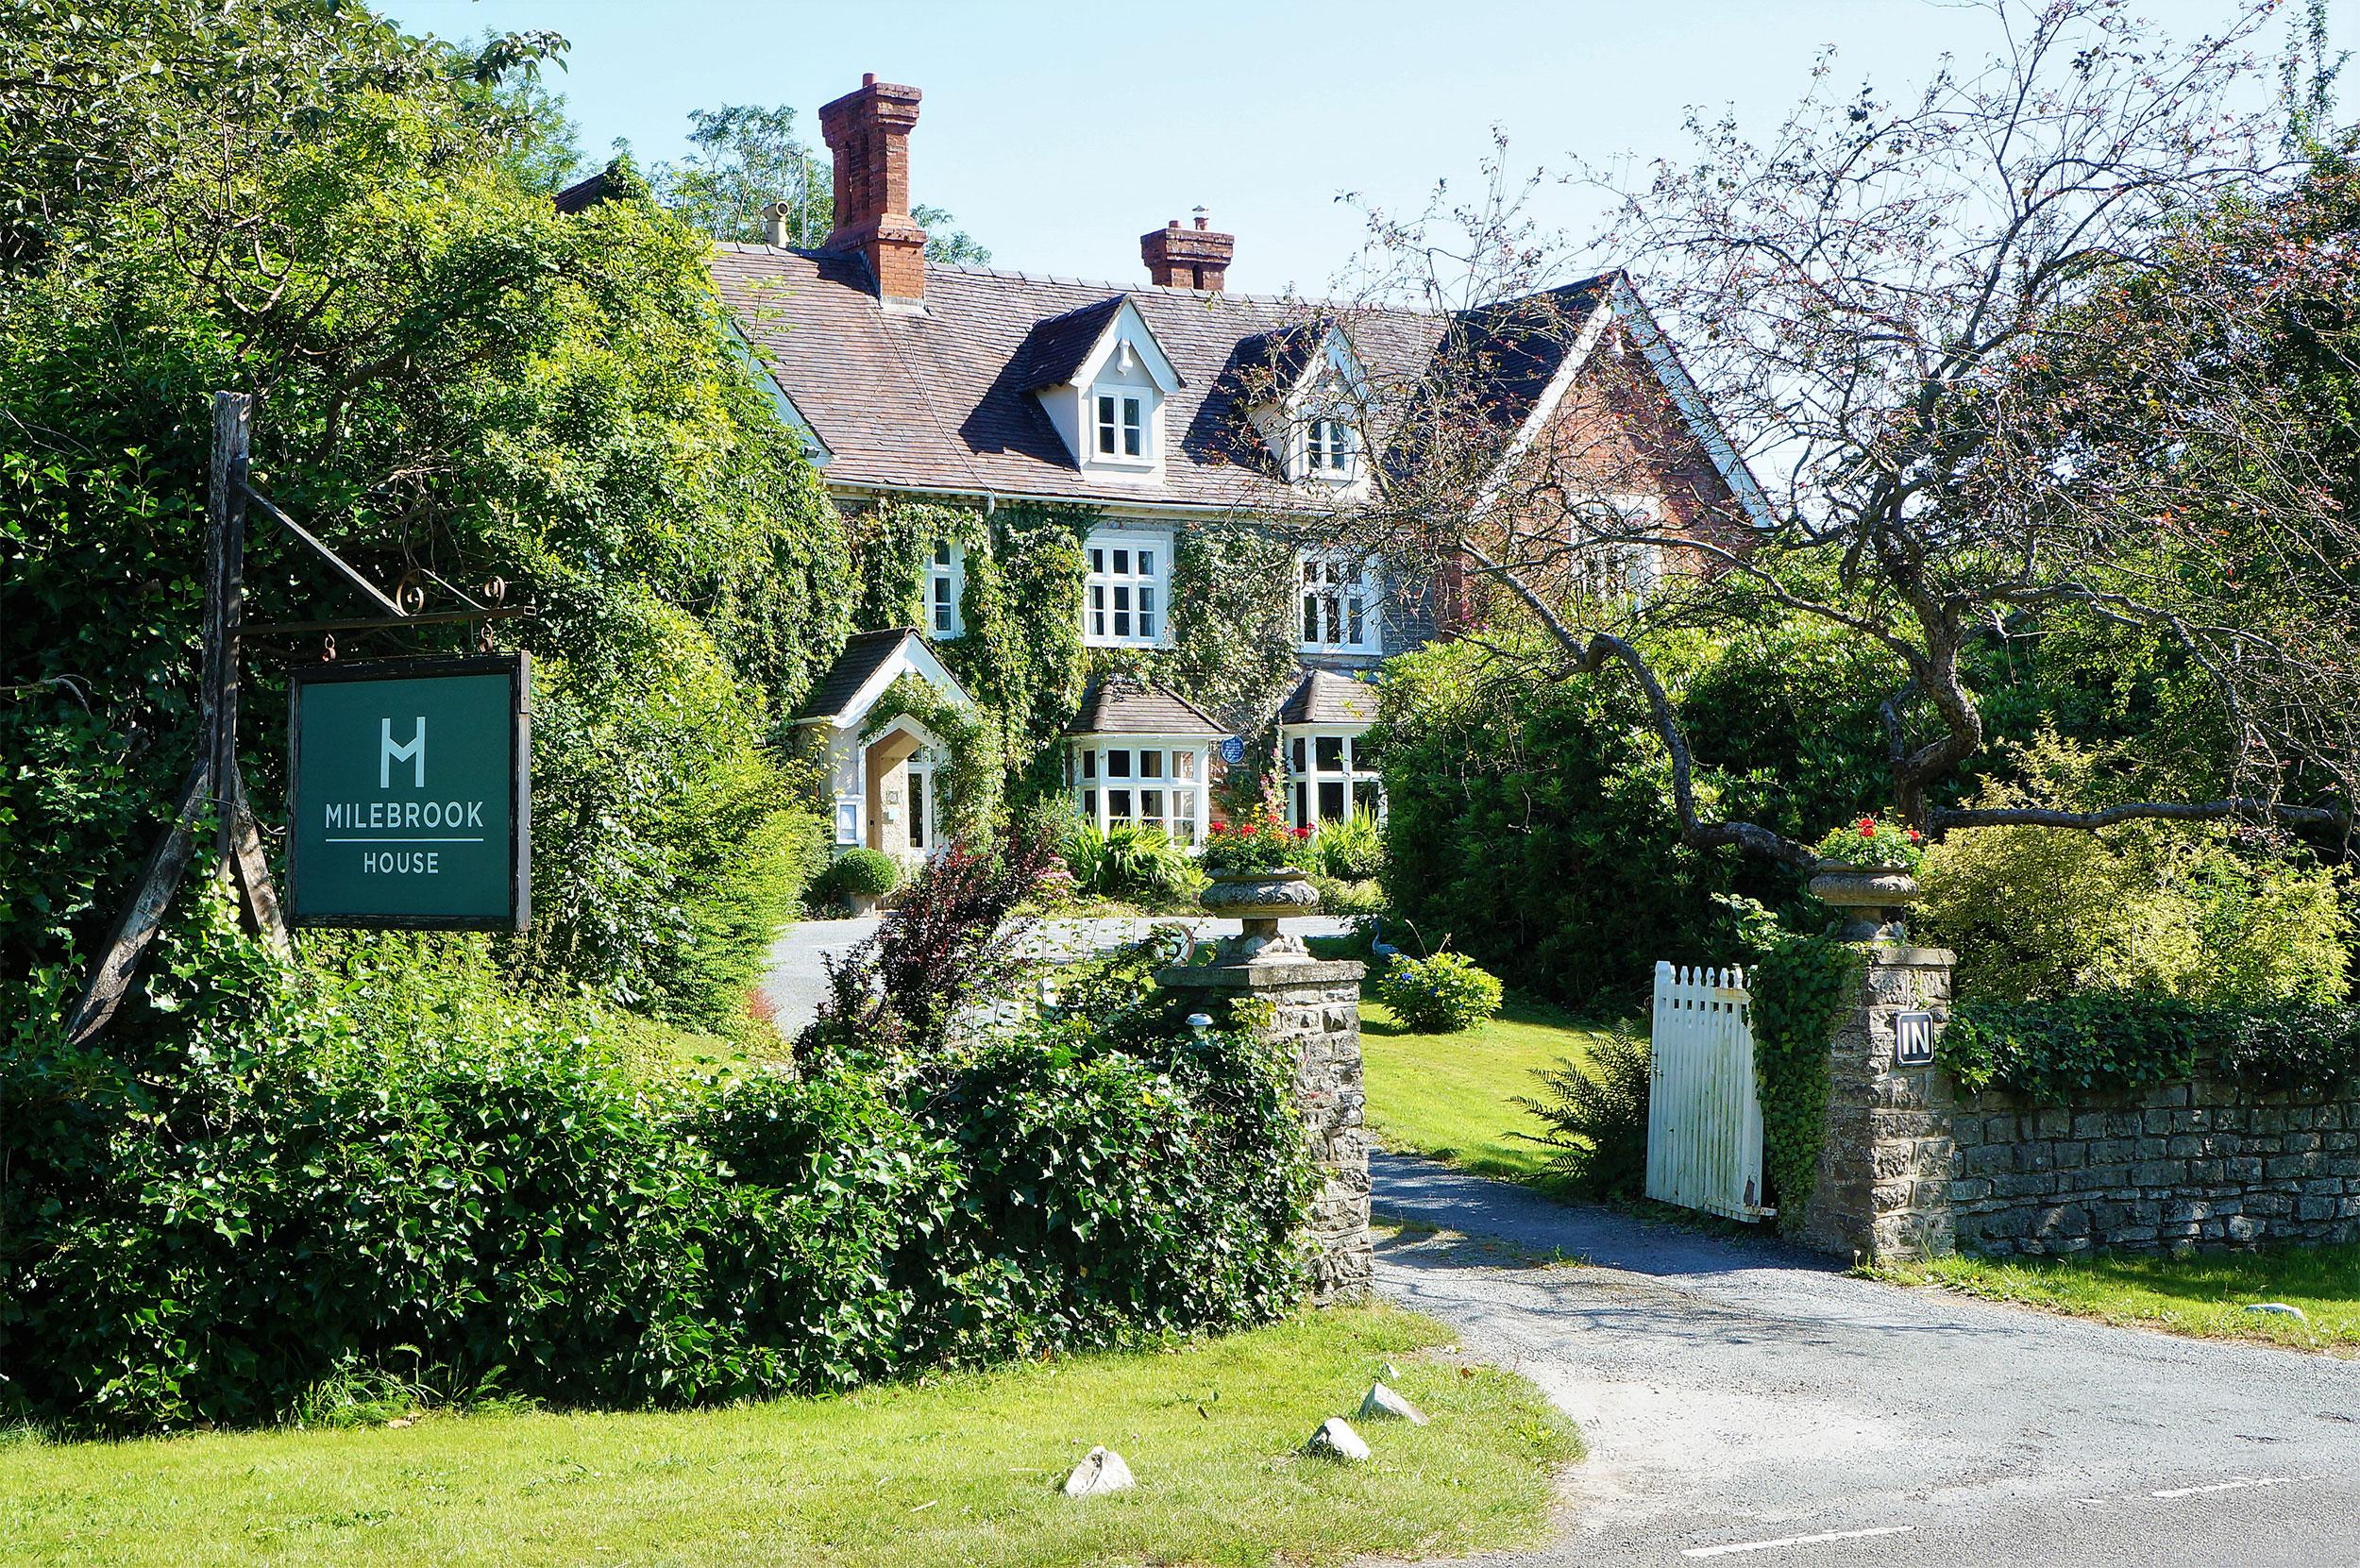 Milebrook House